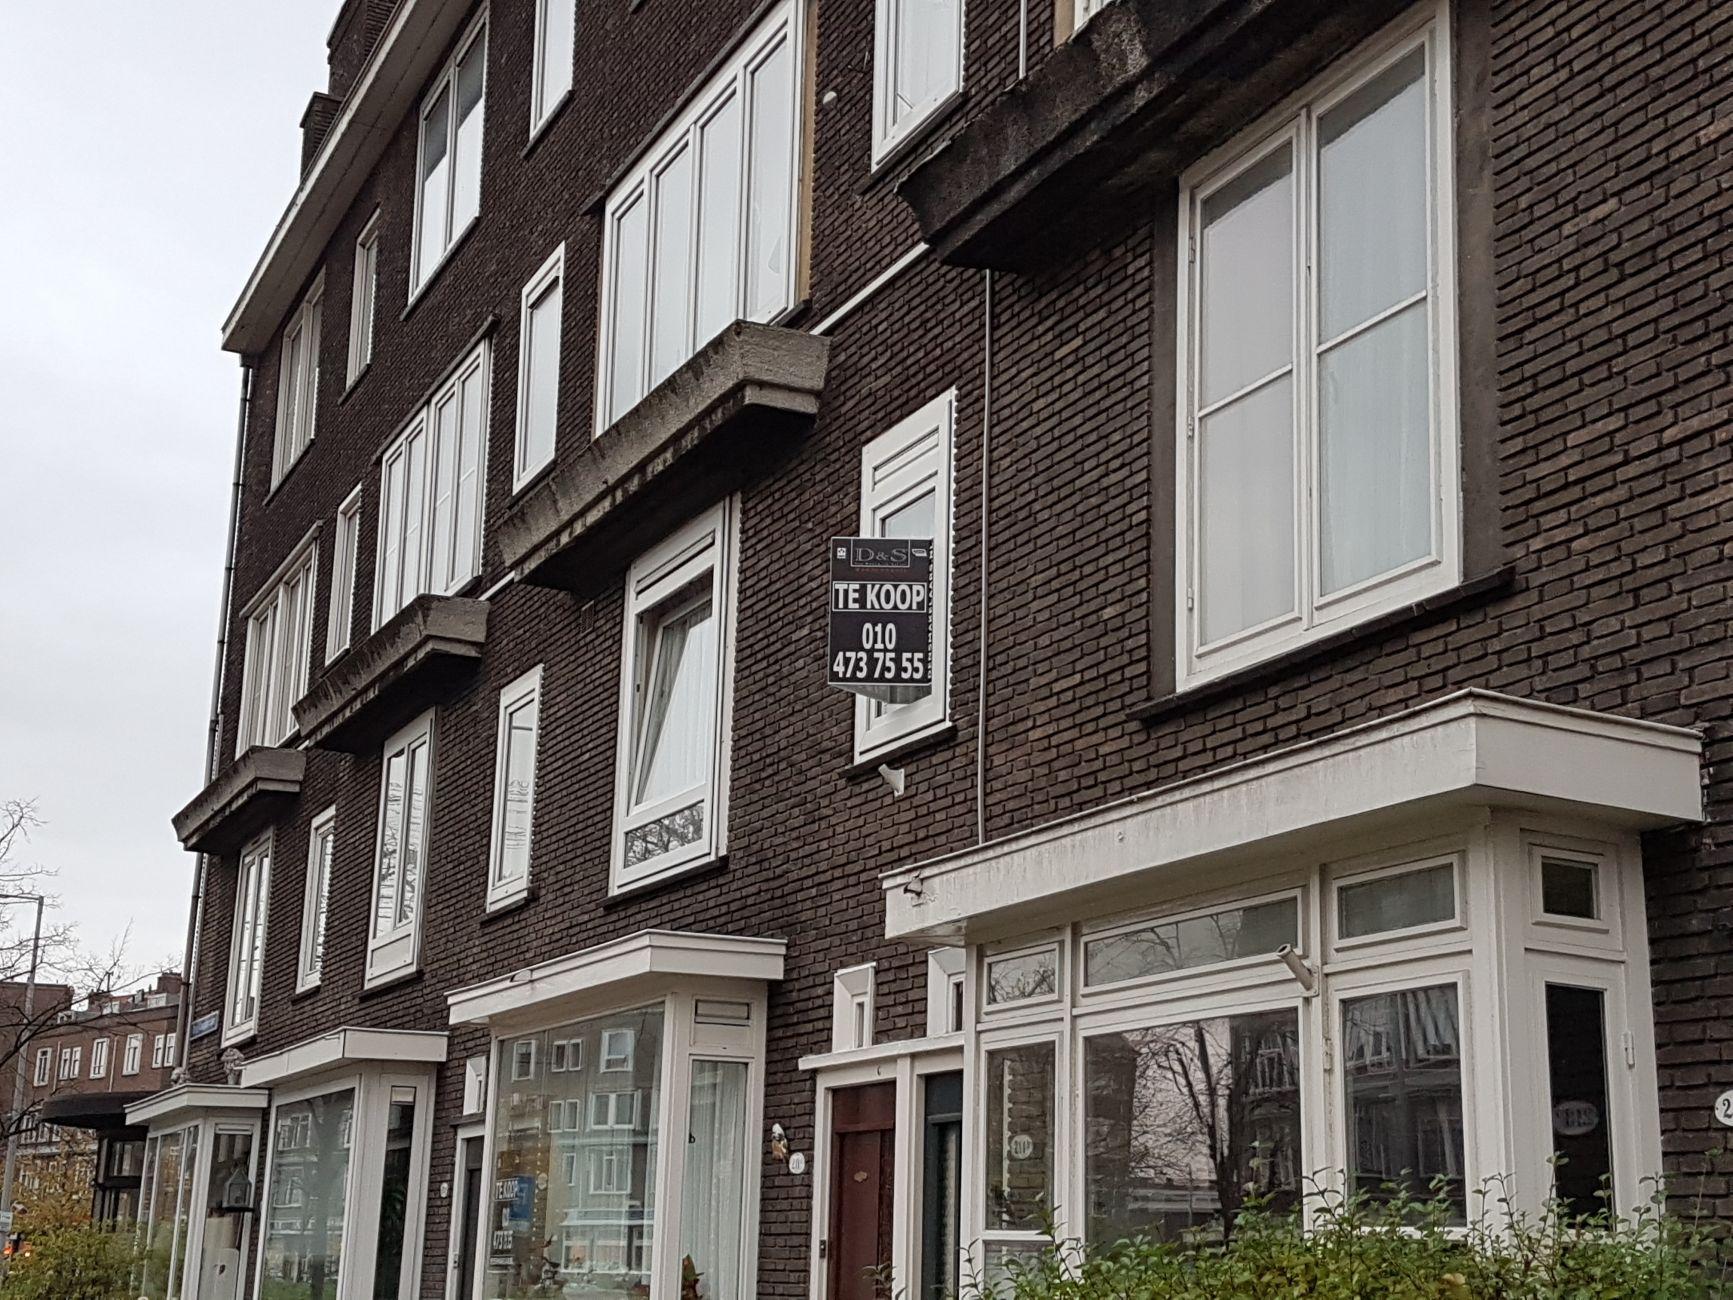 Zelfbewoningsplicht ook in Schiedam?